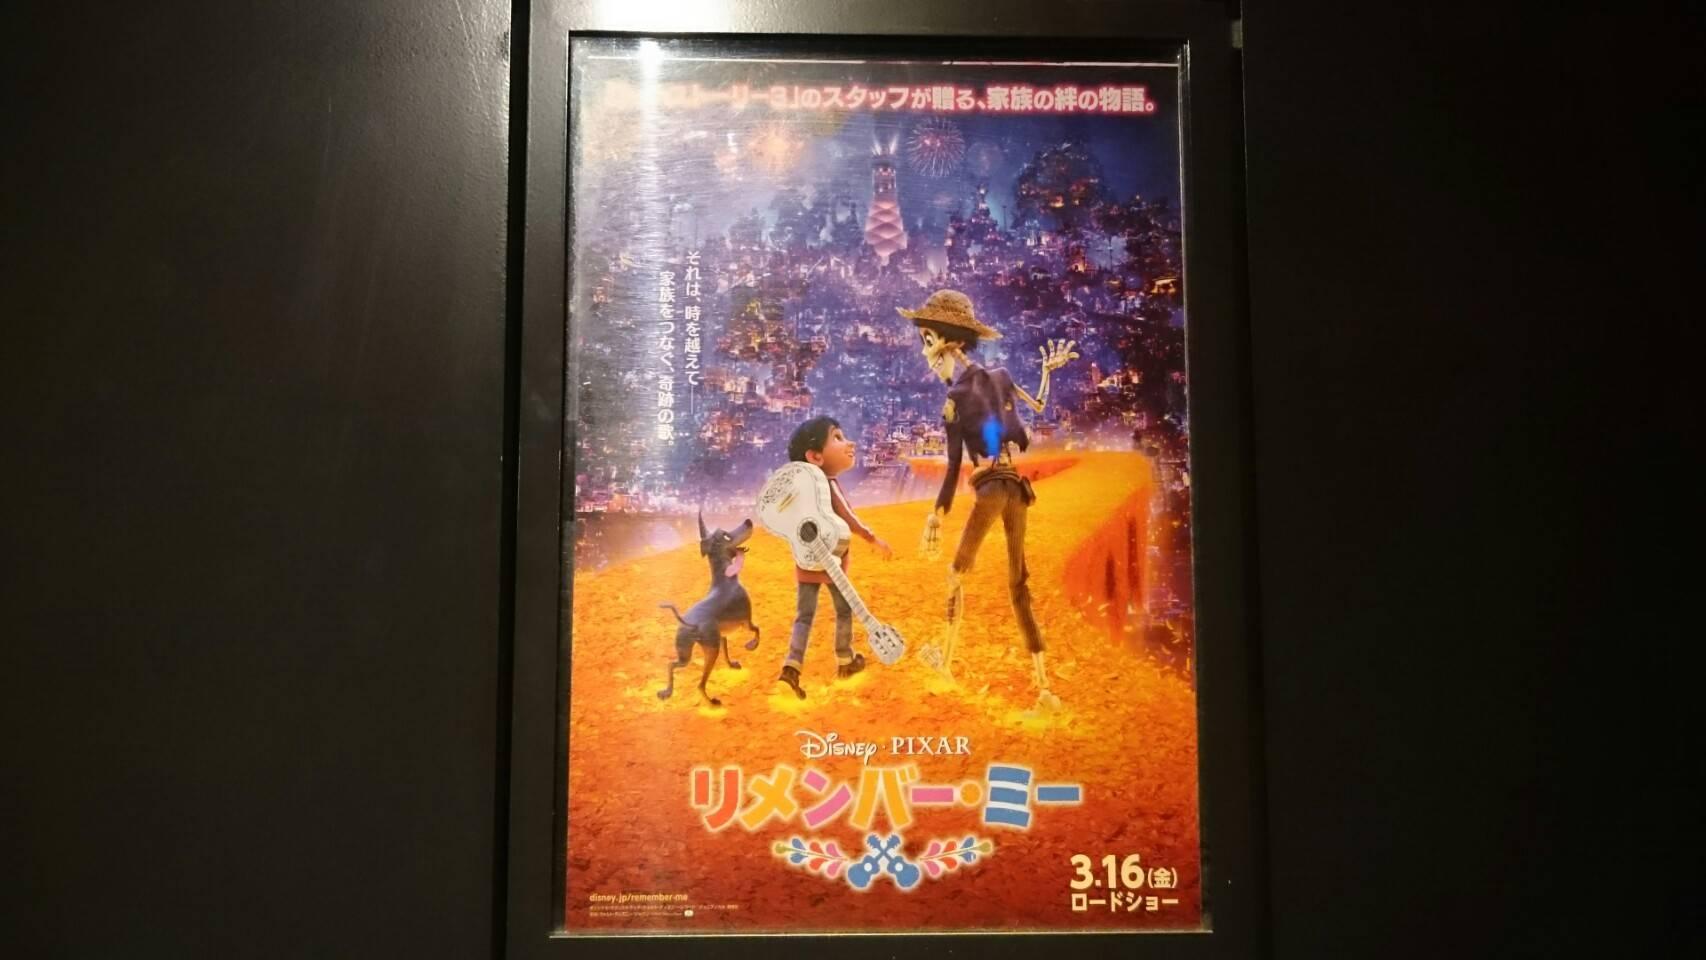 映画「リメンバーミー」2歳の子どもが感動!パパが子育てに映画をおすすめする5つの理由!